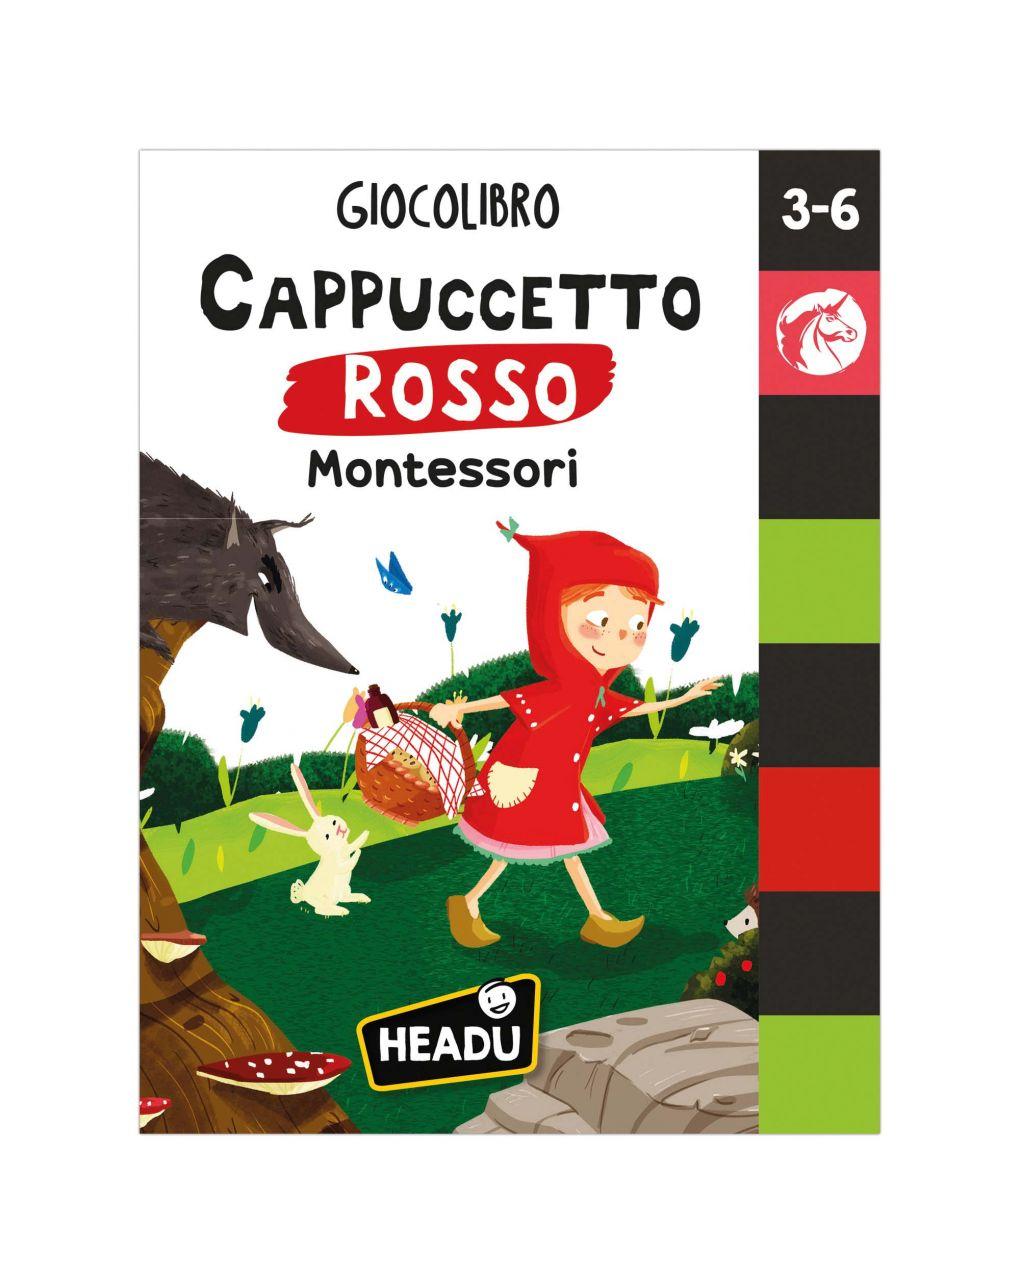 Headu - giocolibro cappuccetto rosso montessori - Headu